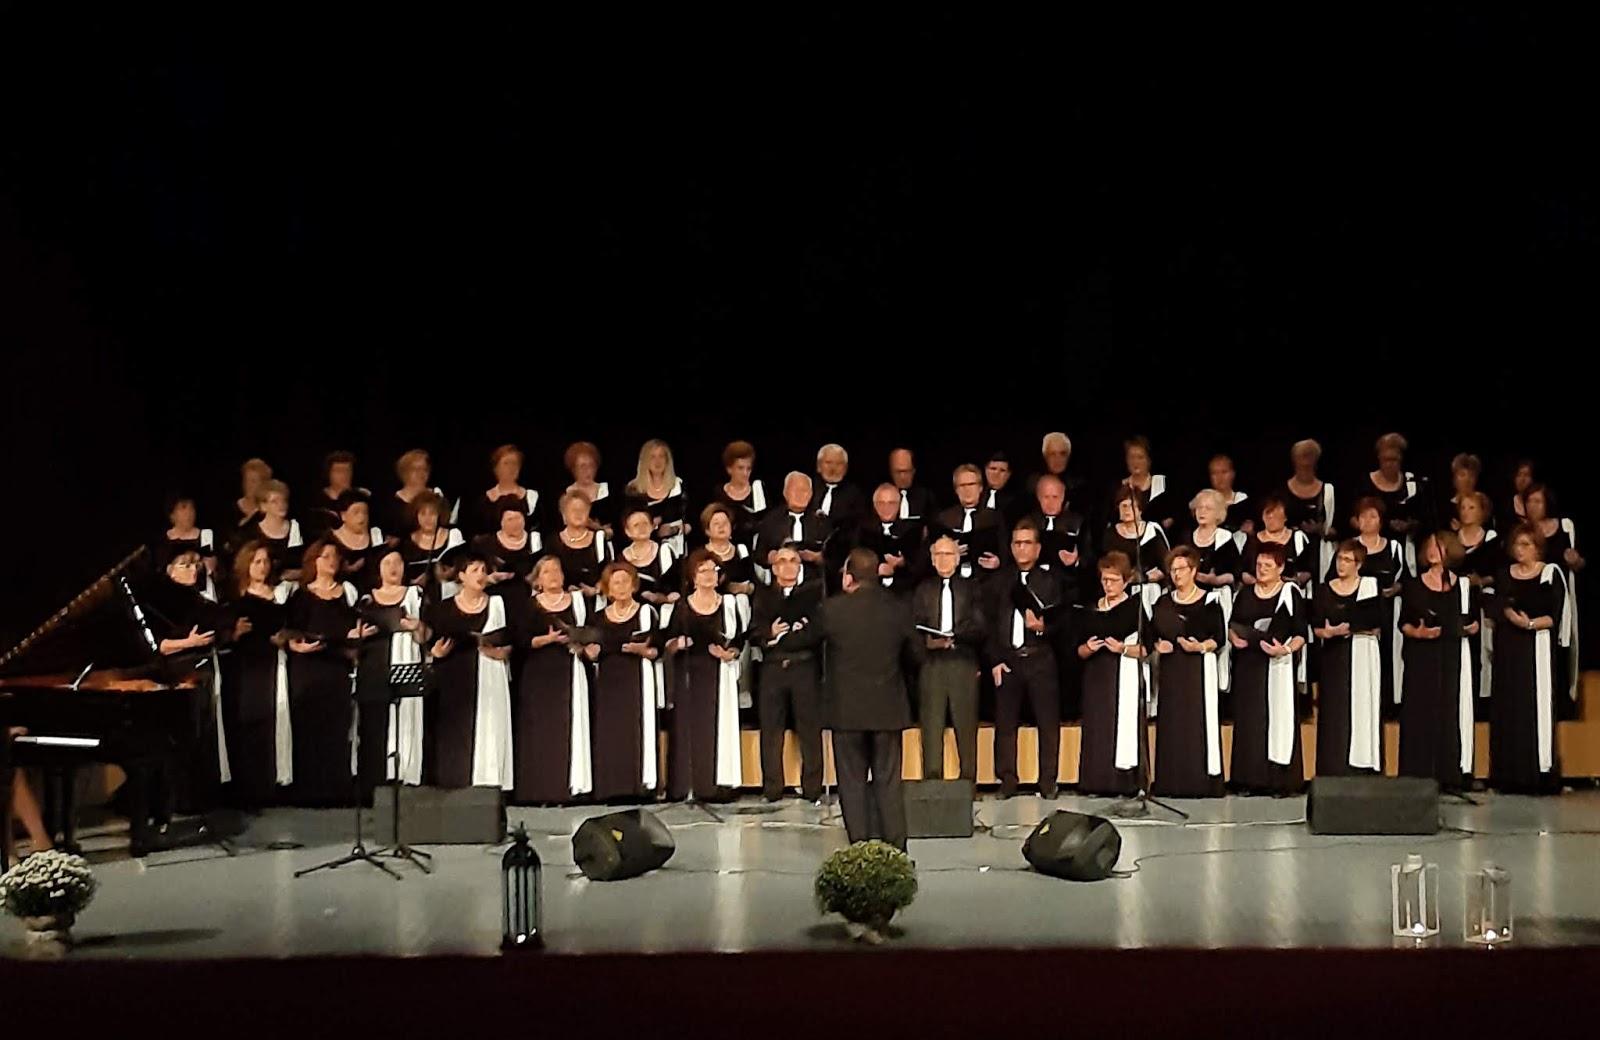 Στα Γιαννιτσά η χορωδία της Αντιδημαρχίας Κοινωνικής Πολιτικής Λάρισας «Η ΕΥΕΣΤΩ»